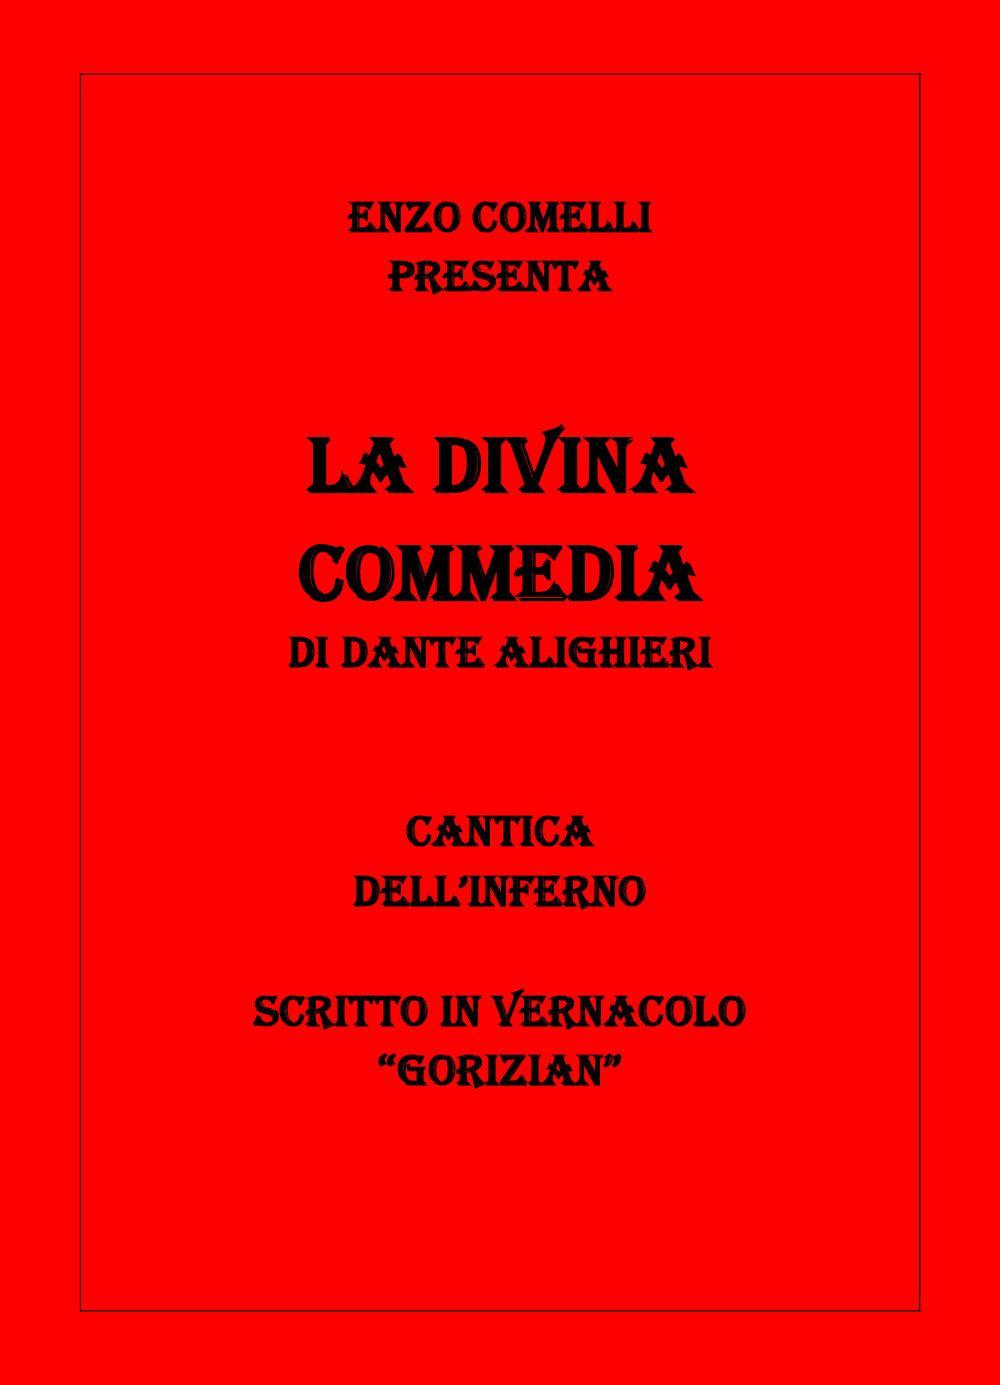 La Divina Commedia. Cantica dell'Inferno